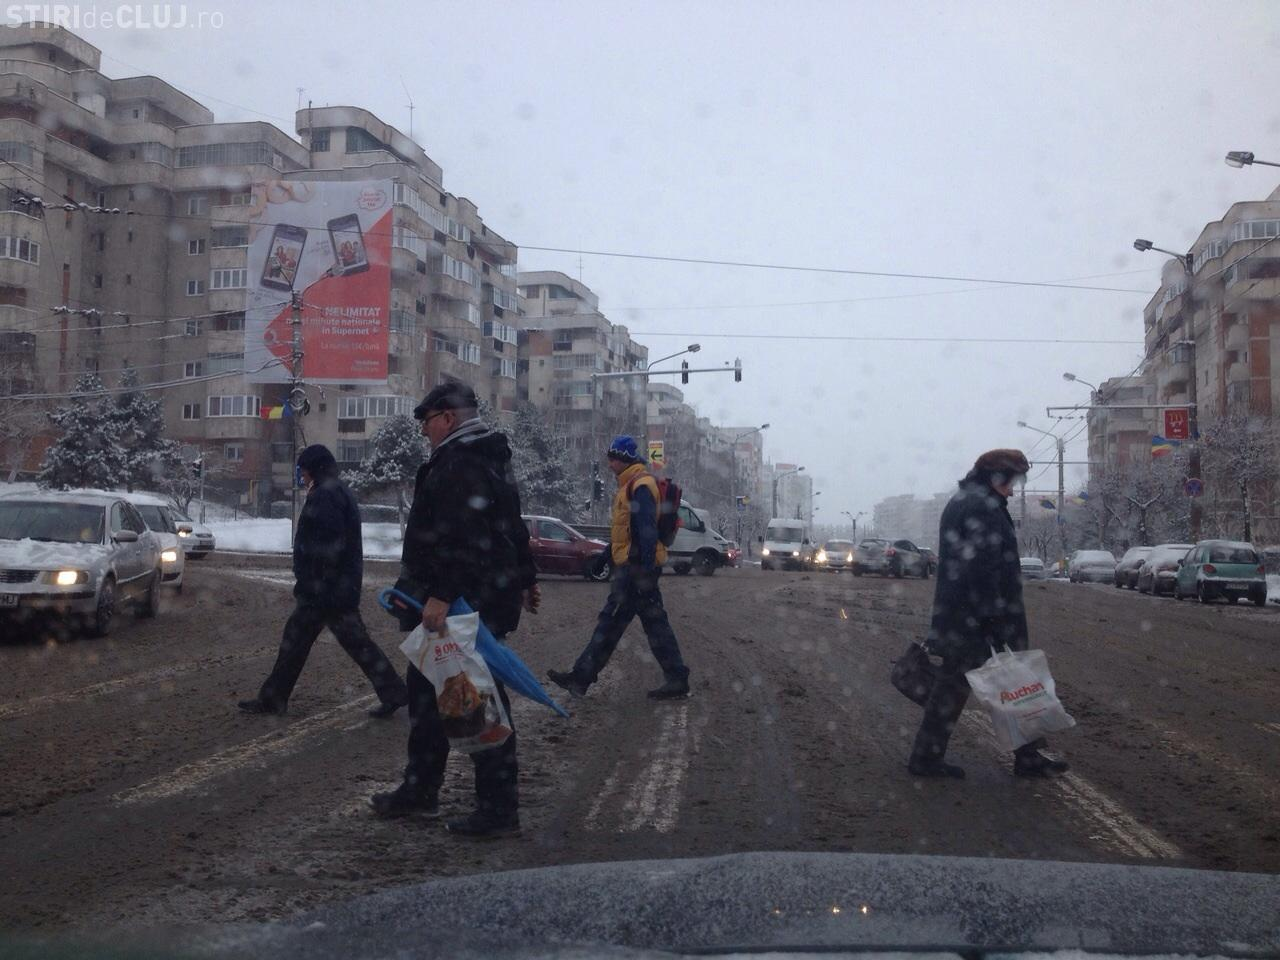 Șoferii clujeni, nemulțumiți de zăpada de pe străzi: Se vede că nu au băgat lama FOTO